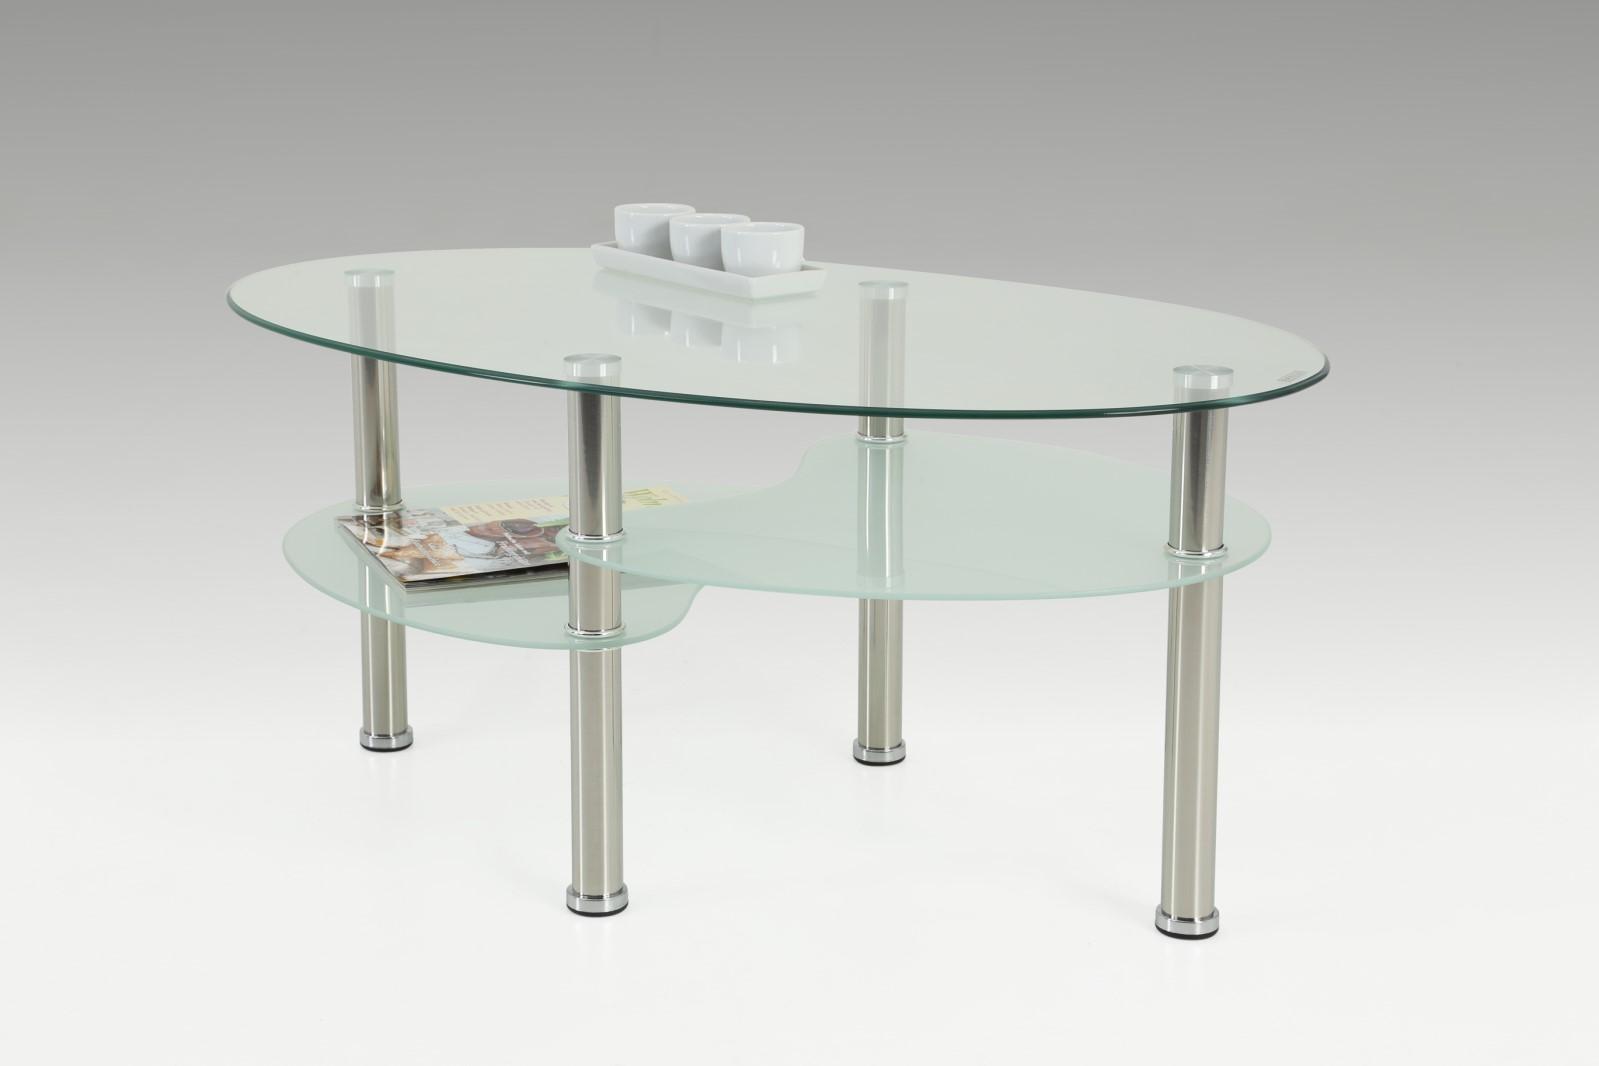 Couchtisch Beistelltisch - Saly - 90x55 cm Klarglas / Chrom